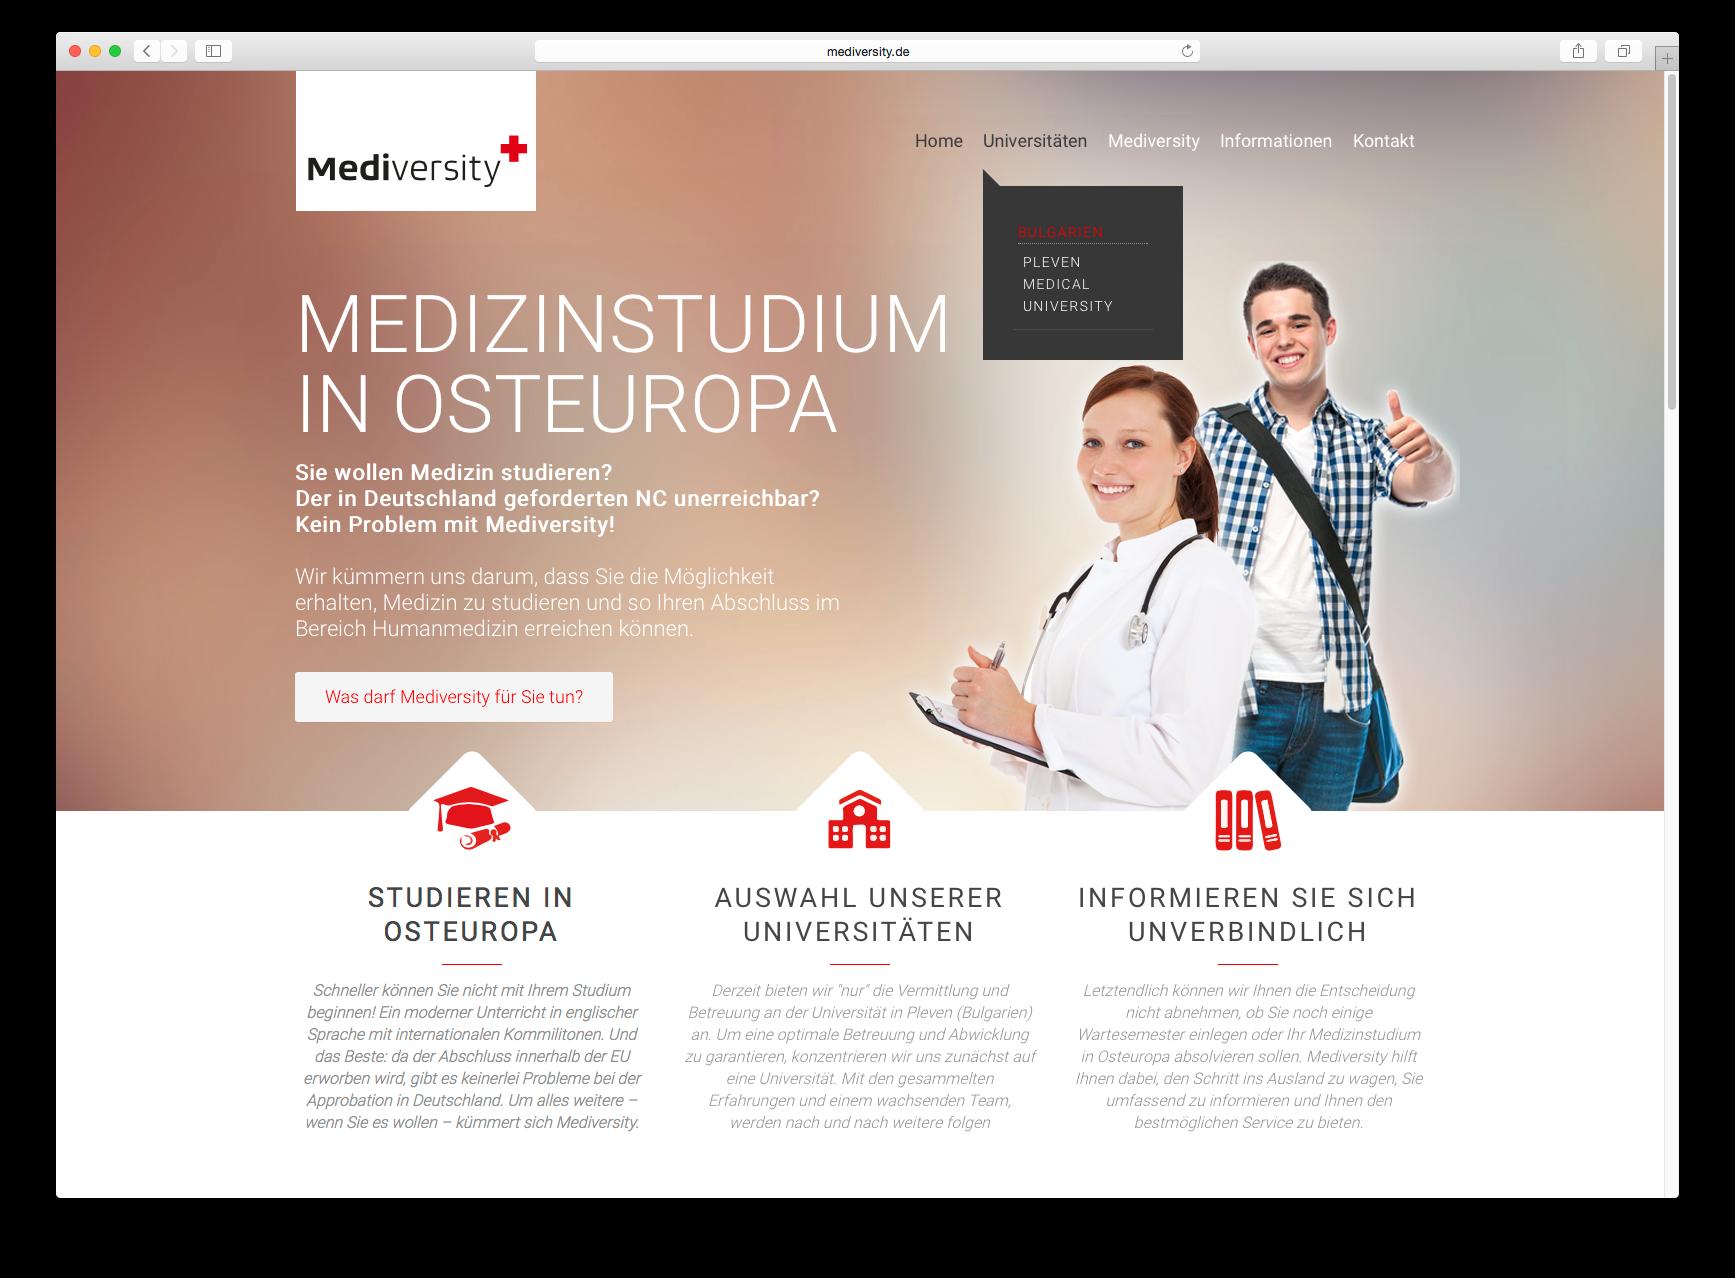 www.mediversity.de